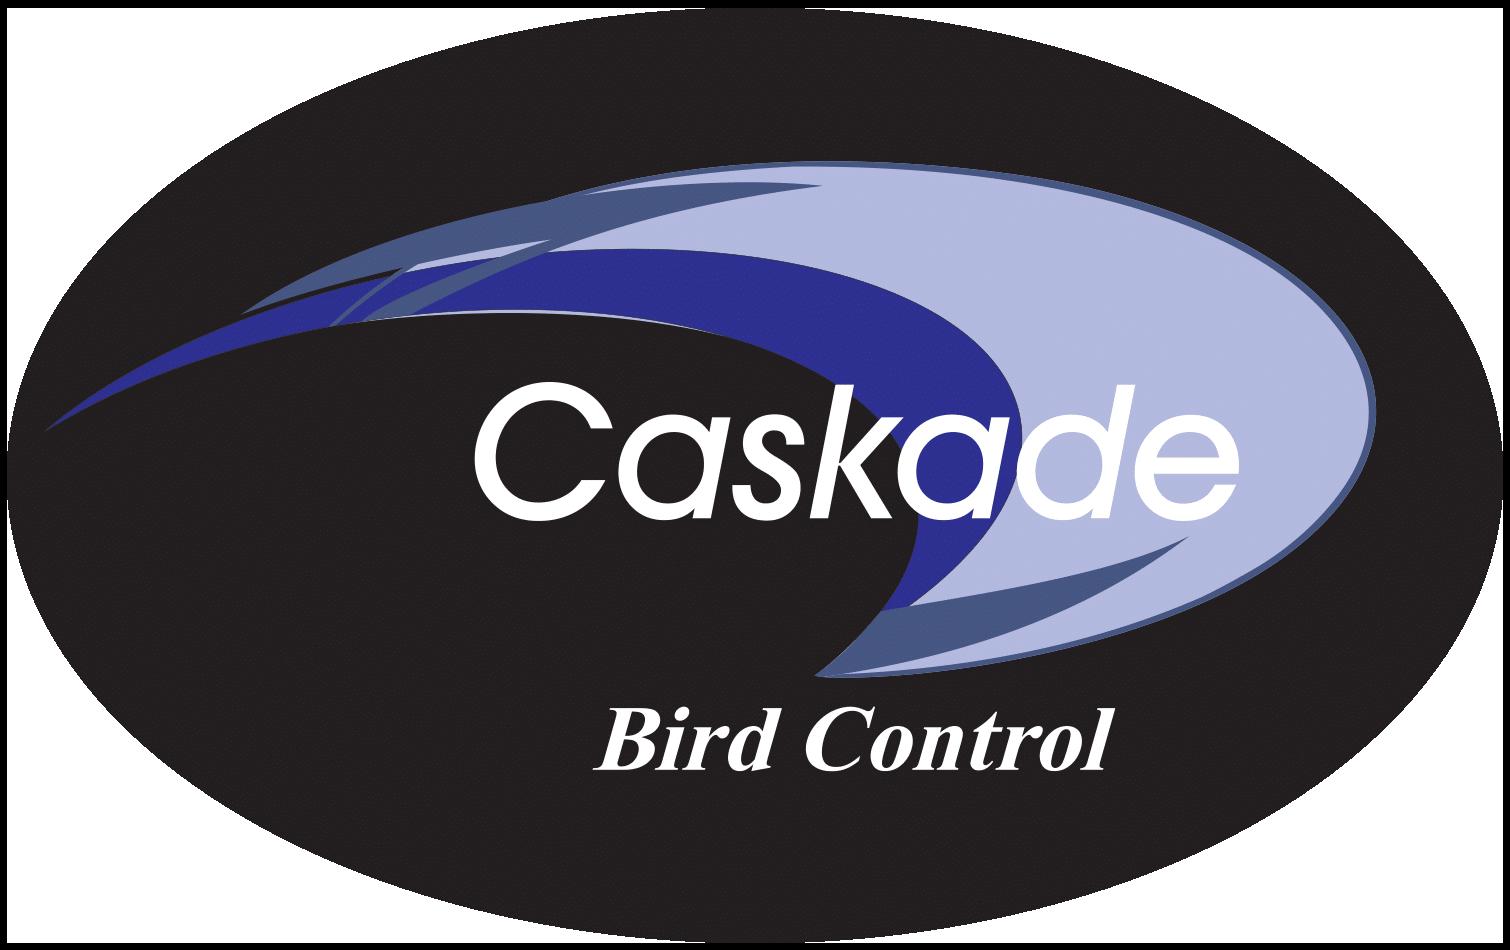 Caskade Bird Control Inc